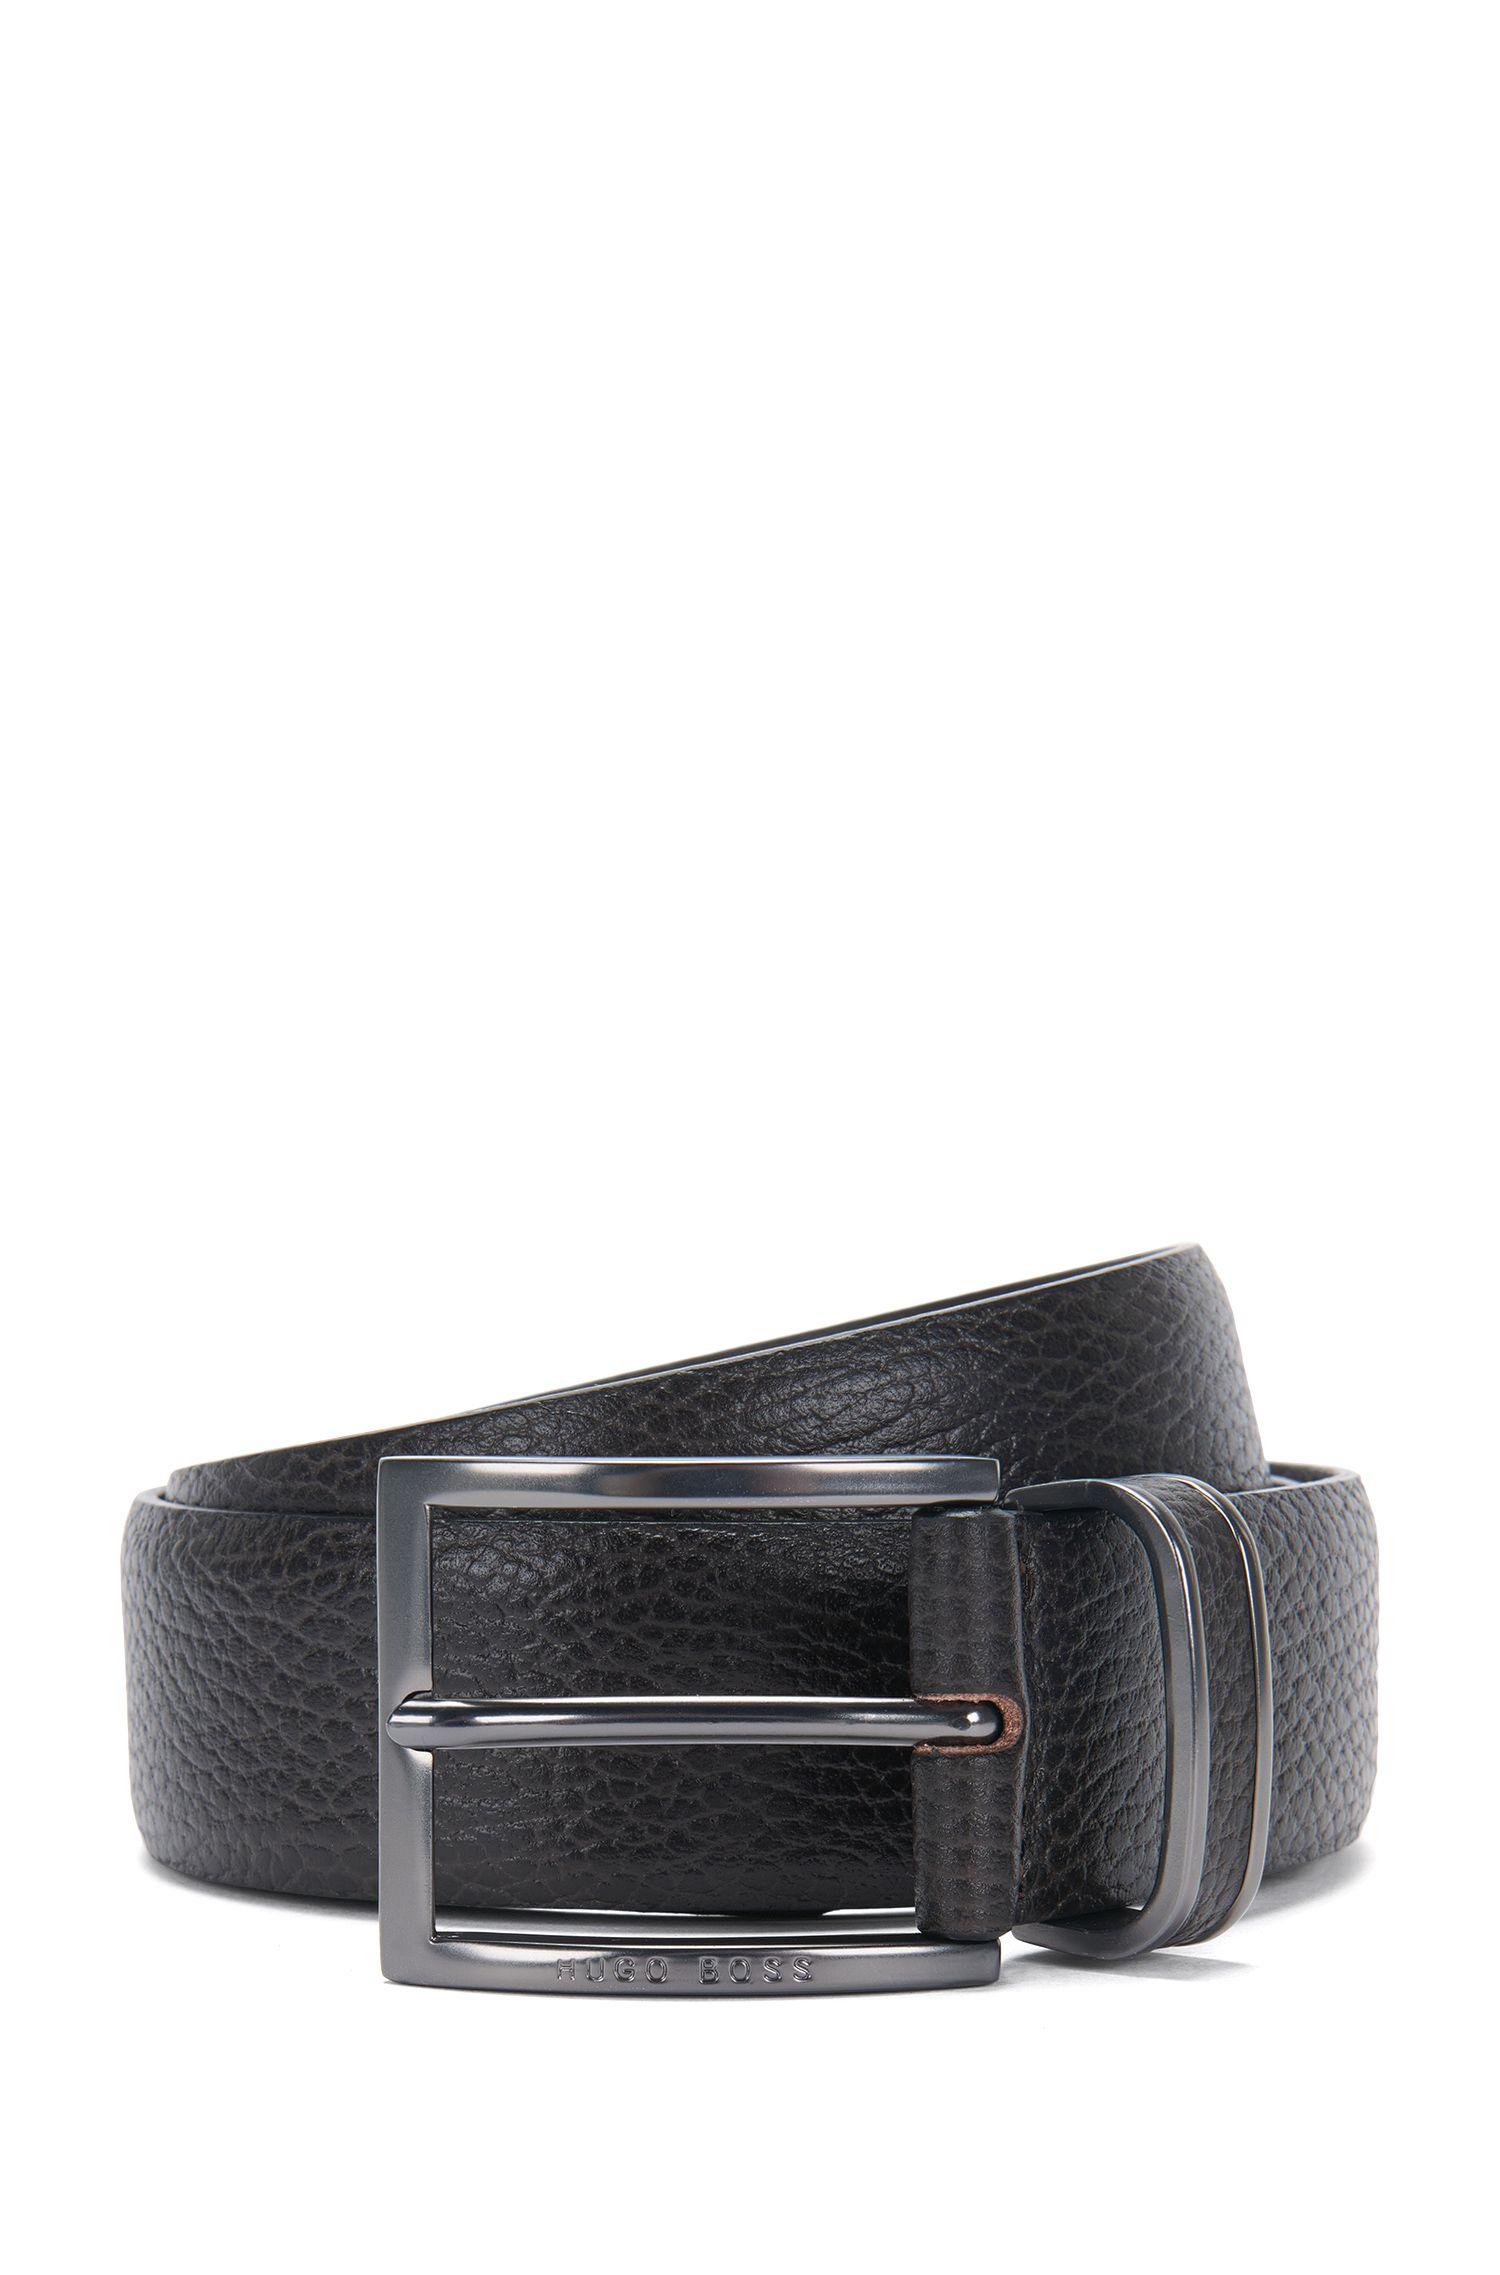 Italian Grained Leather Belt | Sopprin Sz Itgr